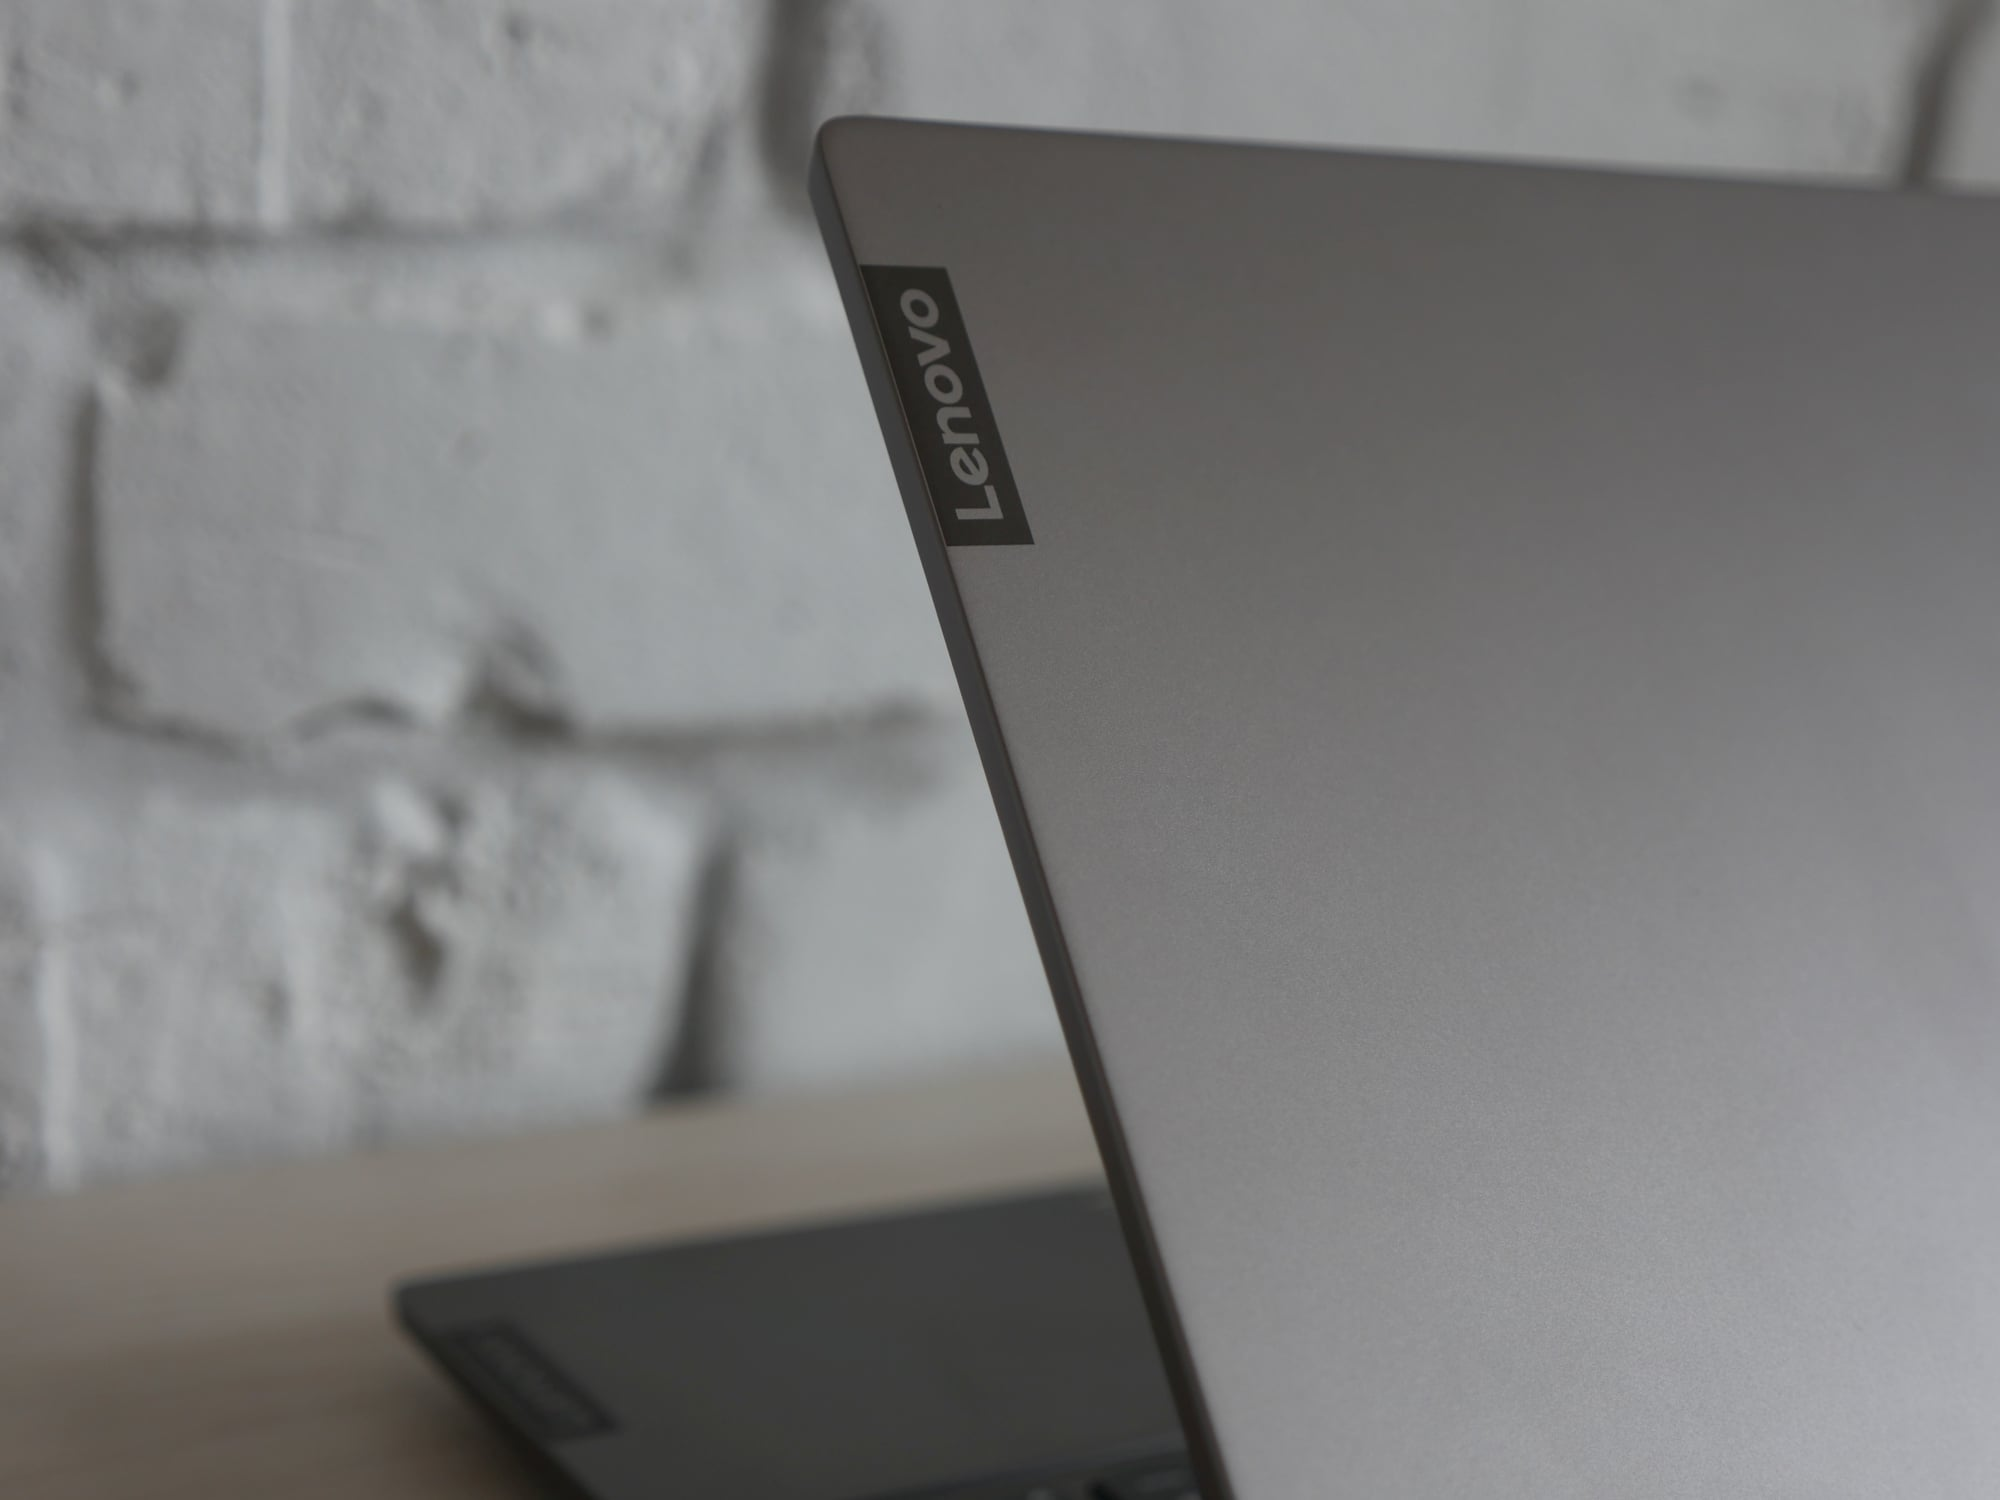 Promocja: kup laptopa Lenovo, tablet dostaniesz gratis